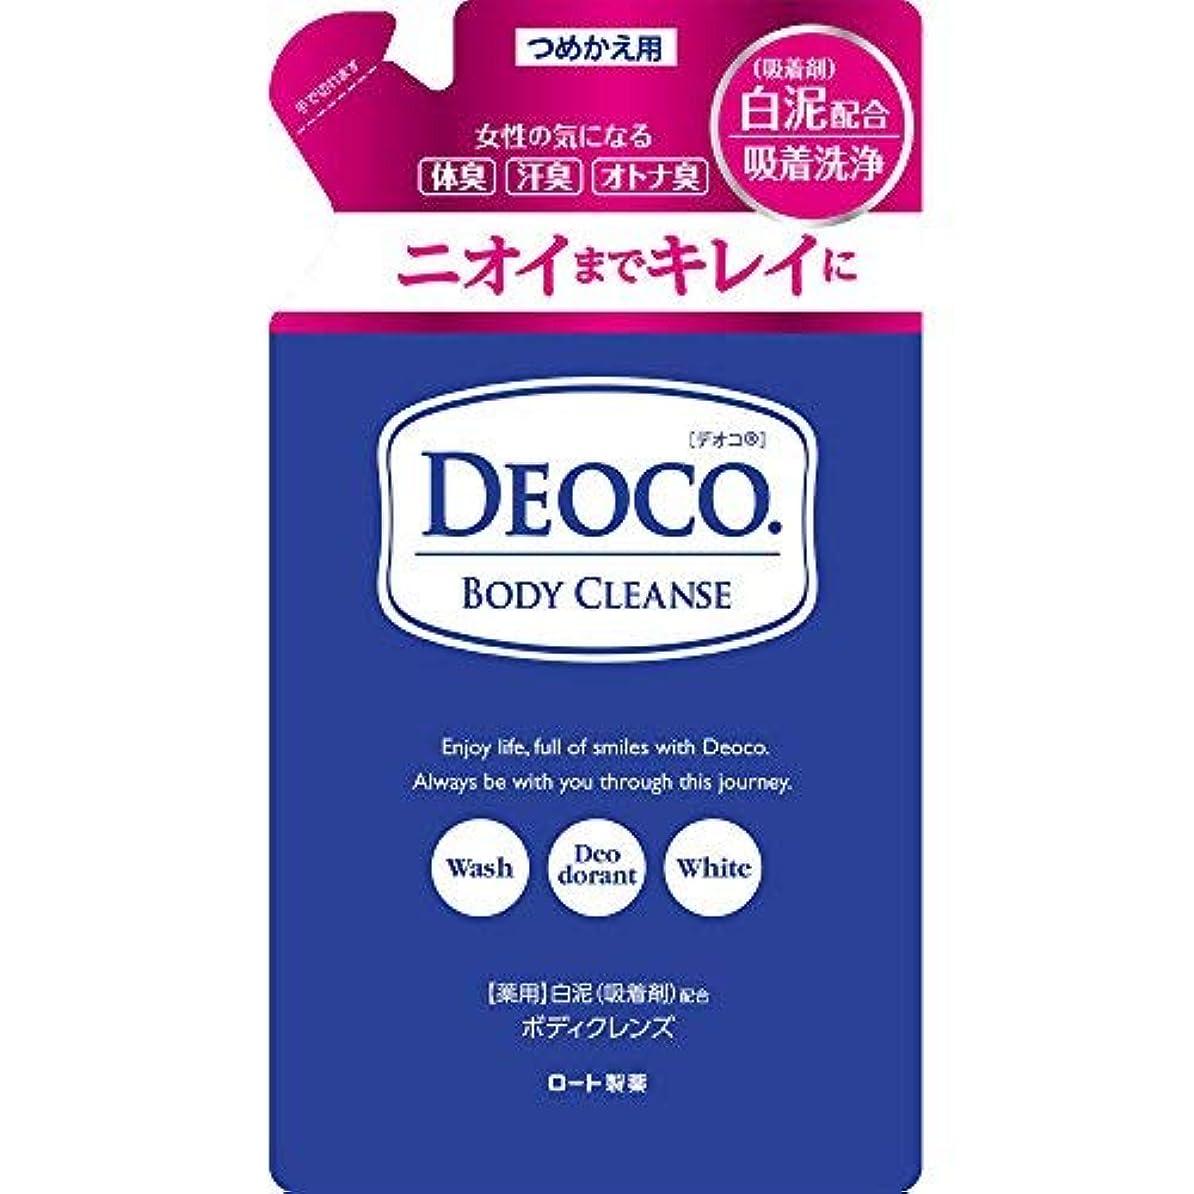 また防水価値のないロート製薬 デオコ DEOCO 薬用 ボディクレンズ 詰め替え 250ml × 5個セット